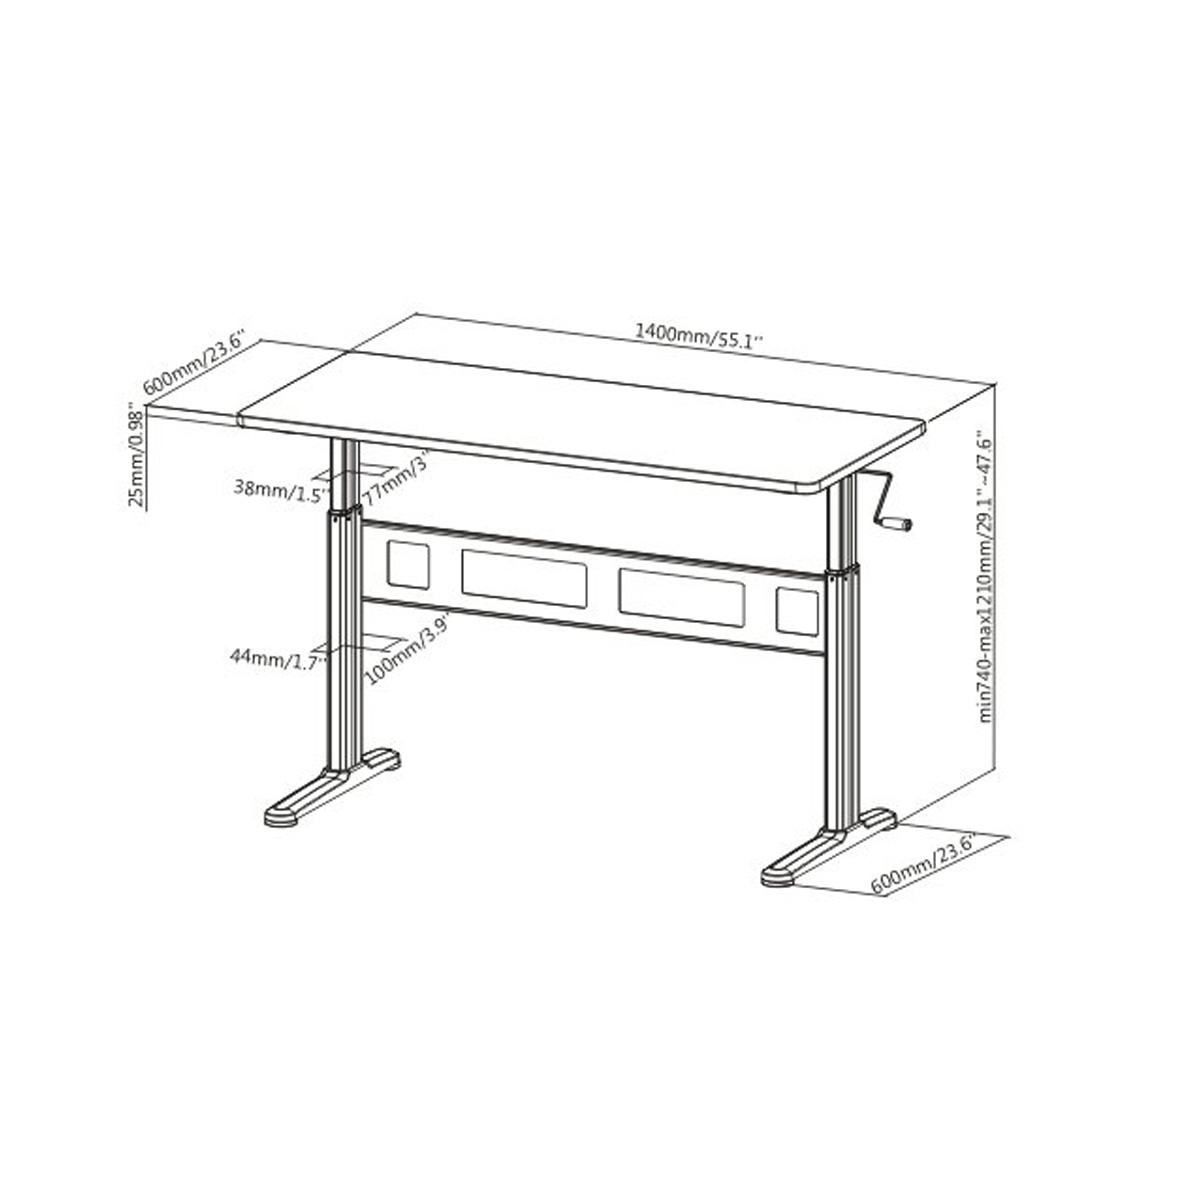 Floor Standing FS-OD55C Manual Crank Height Adjustable